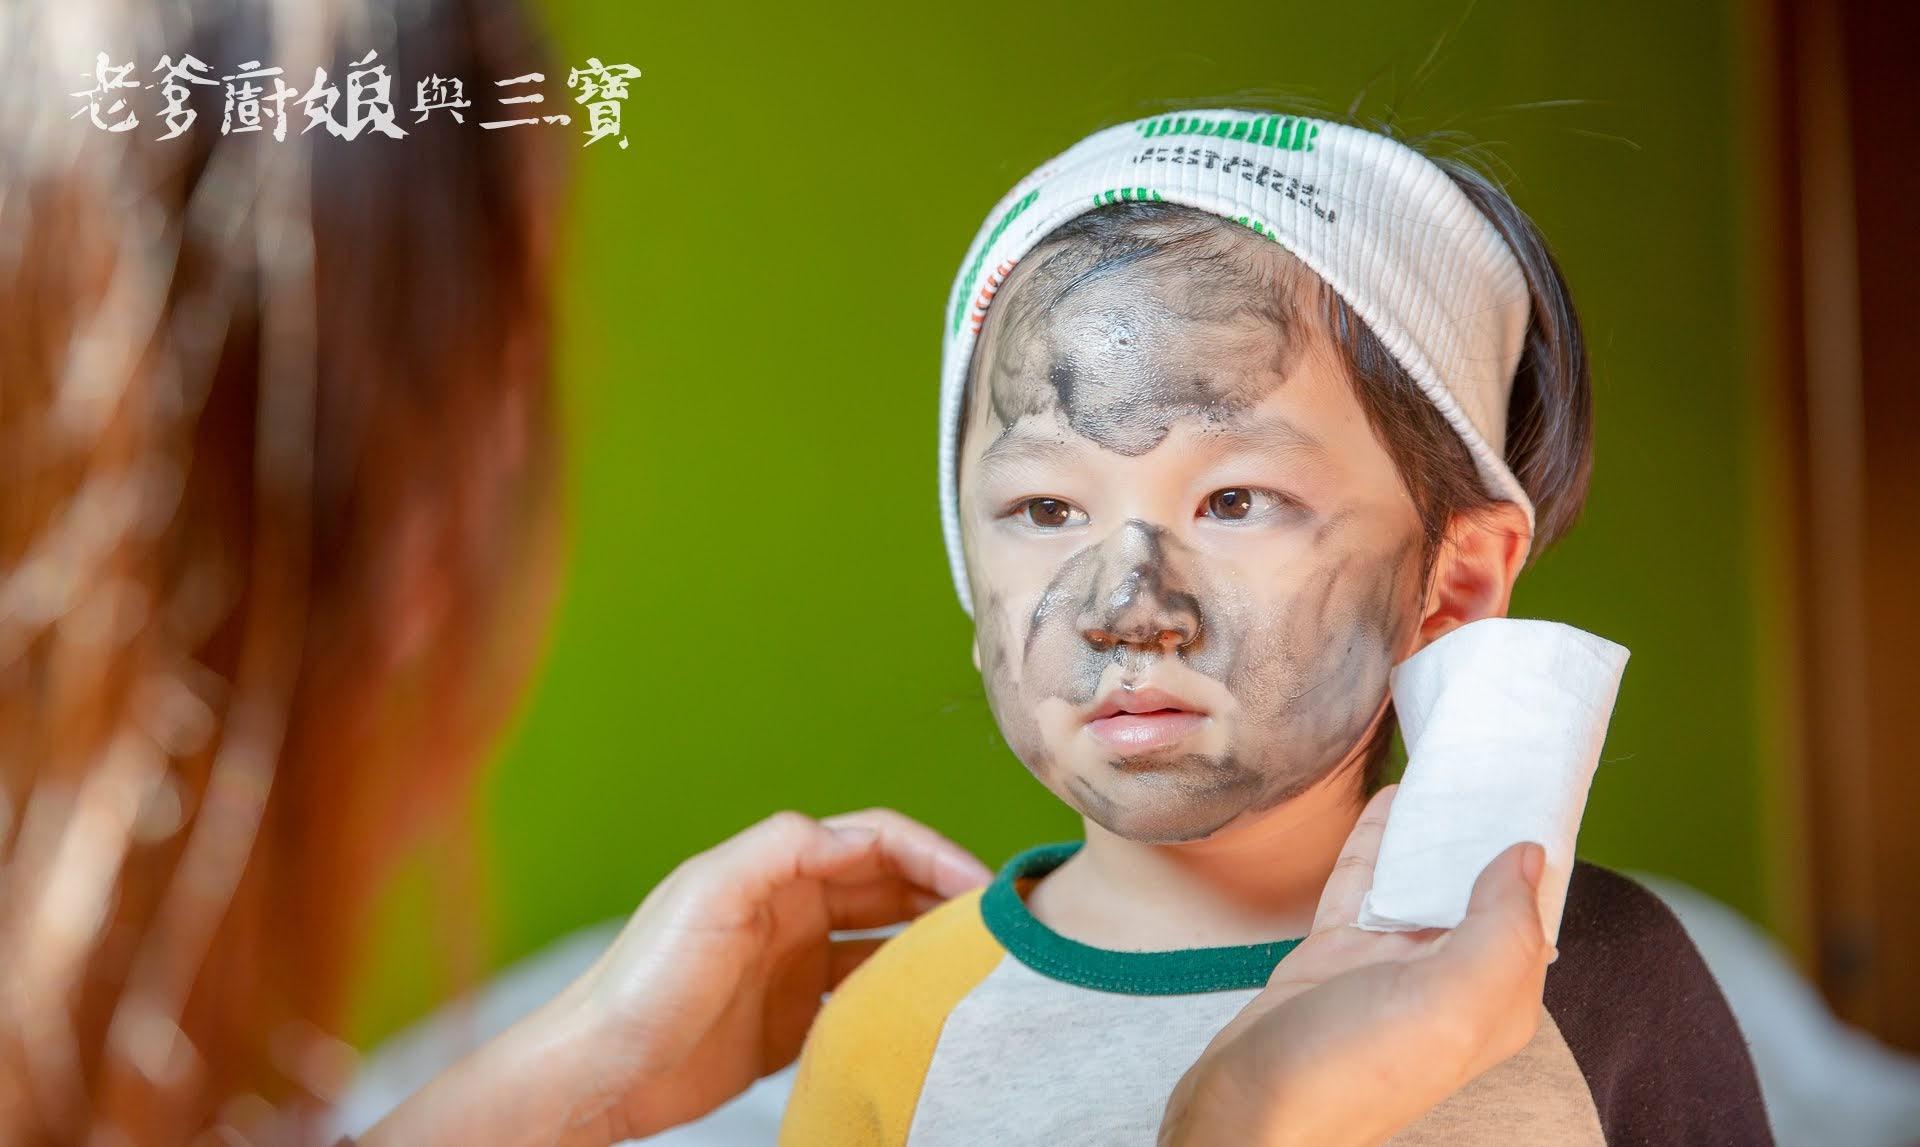 潔淨天然、保護細嫩皮膚的好工具...JOYCARE棉柔巾